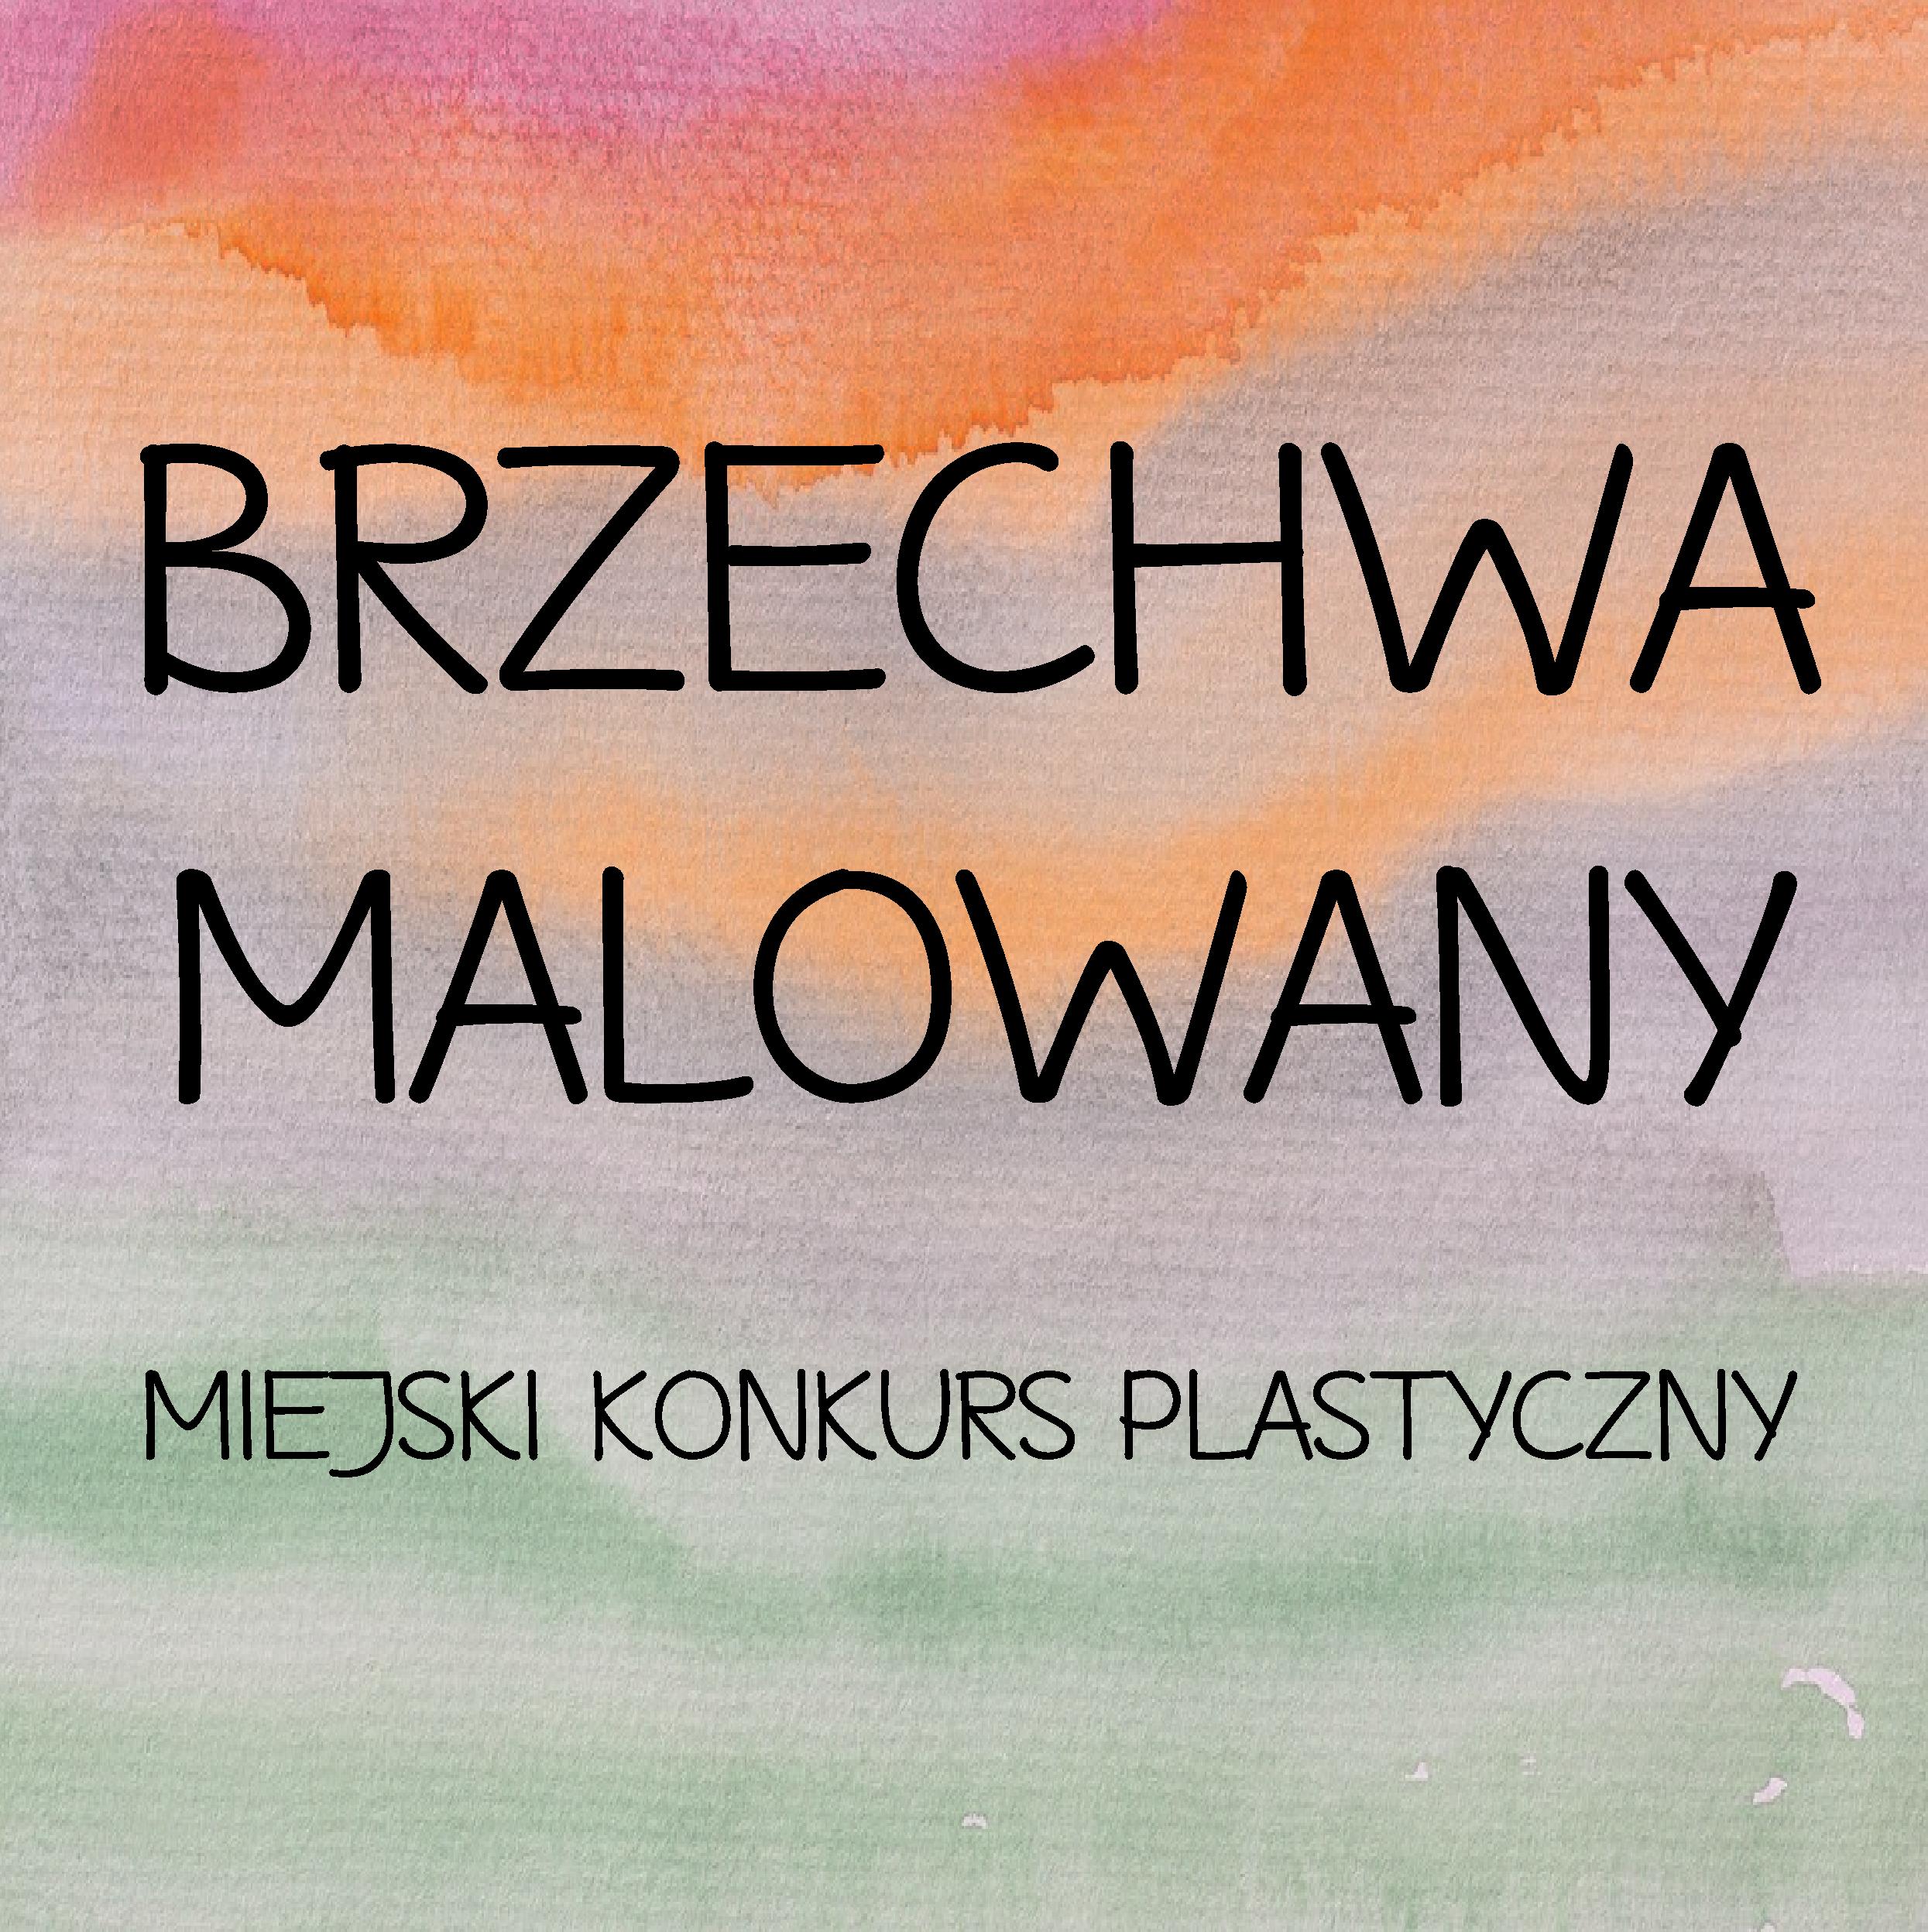 BRZECHWA MALOWANY – MIEJSKI KONKURS PLASTYCZNY